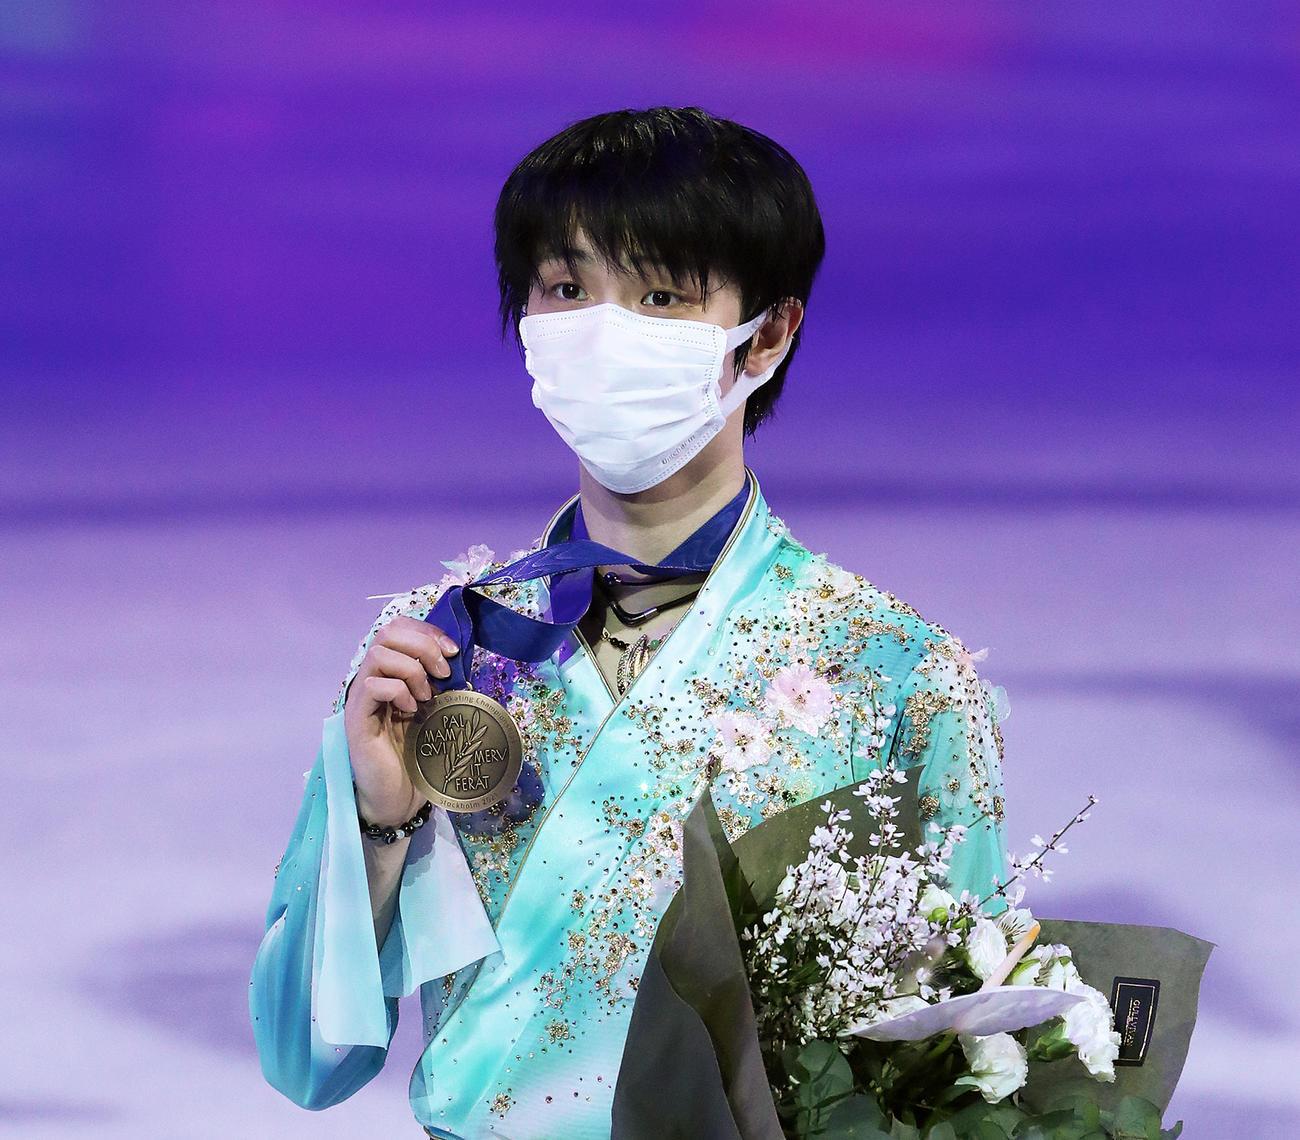 世界選手権で3位となりメダルを掲げる羽生結弦(撮影・PNP=2021年3月27日)